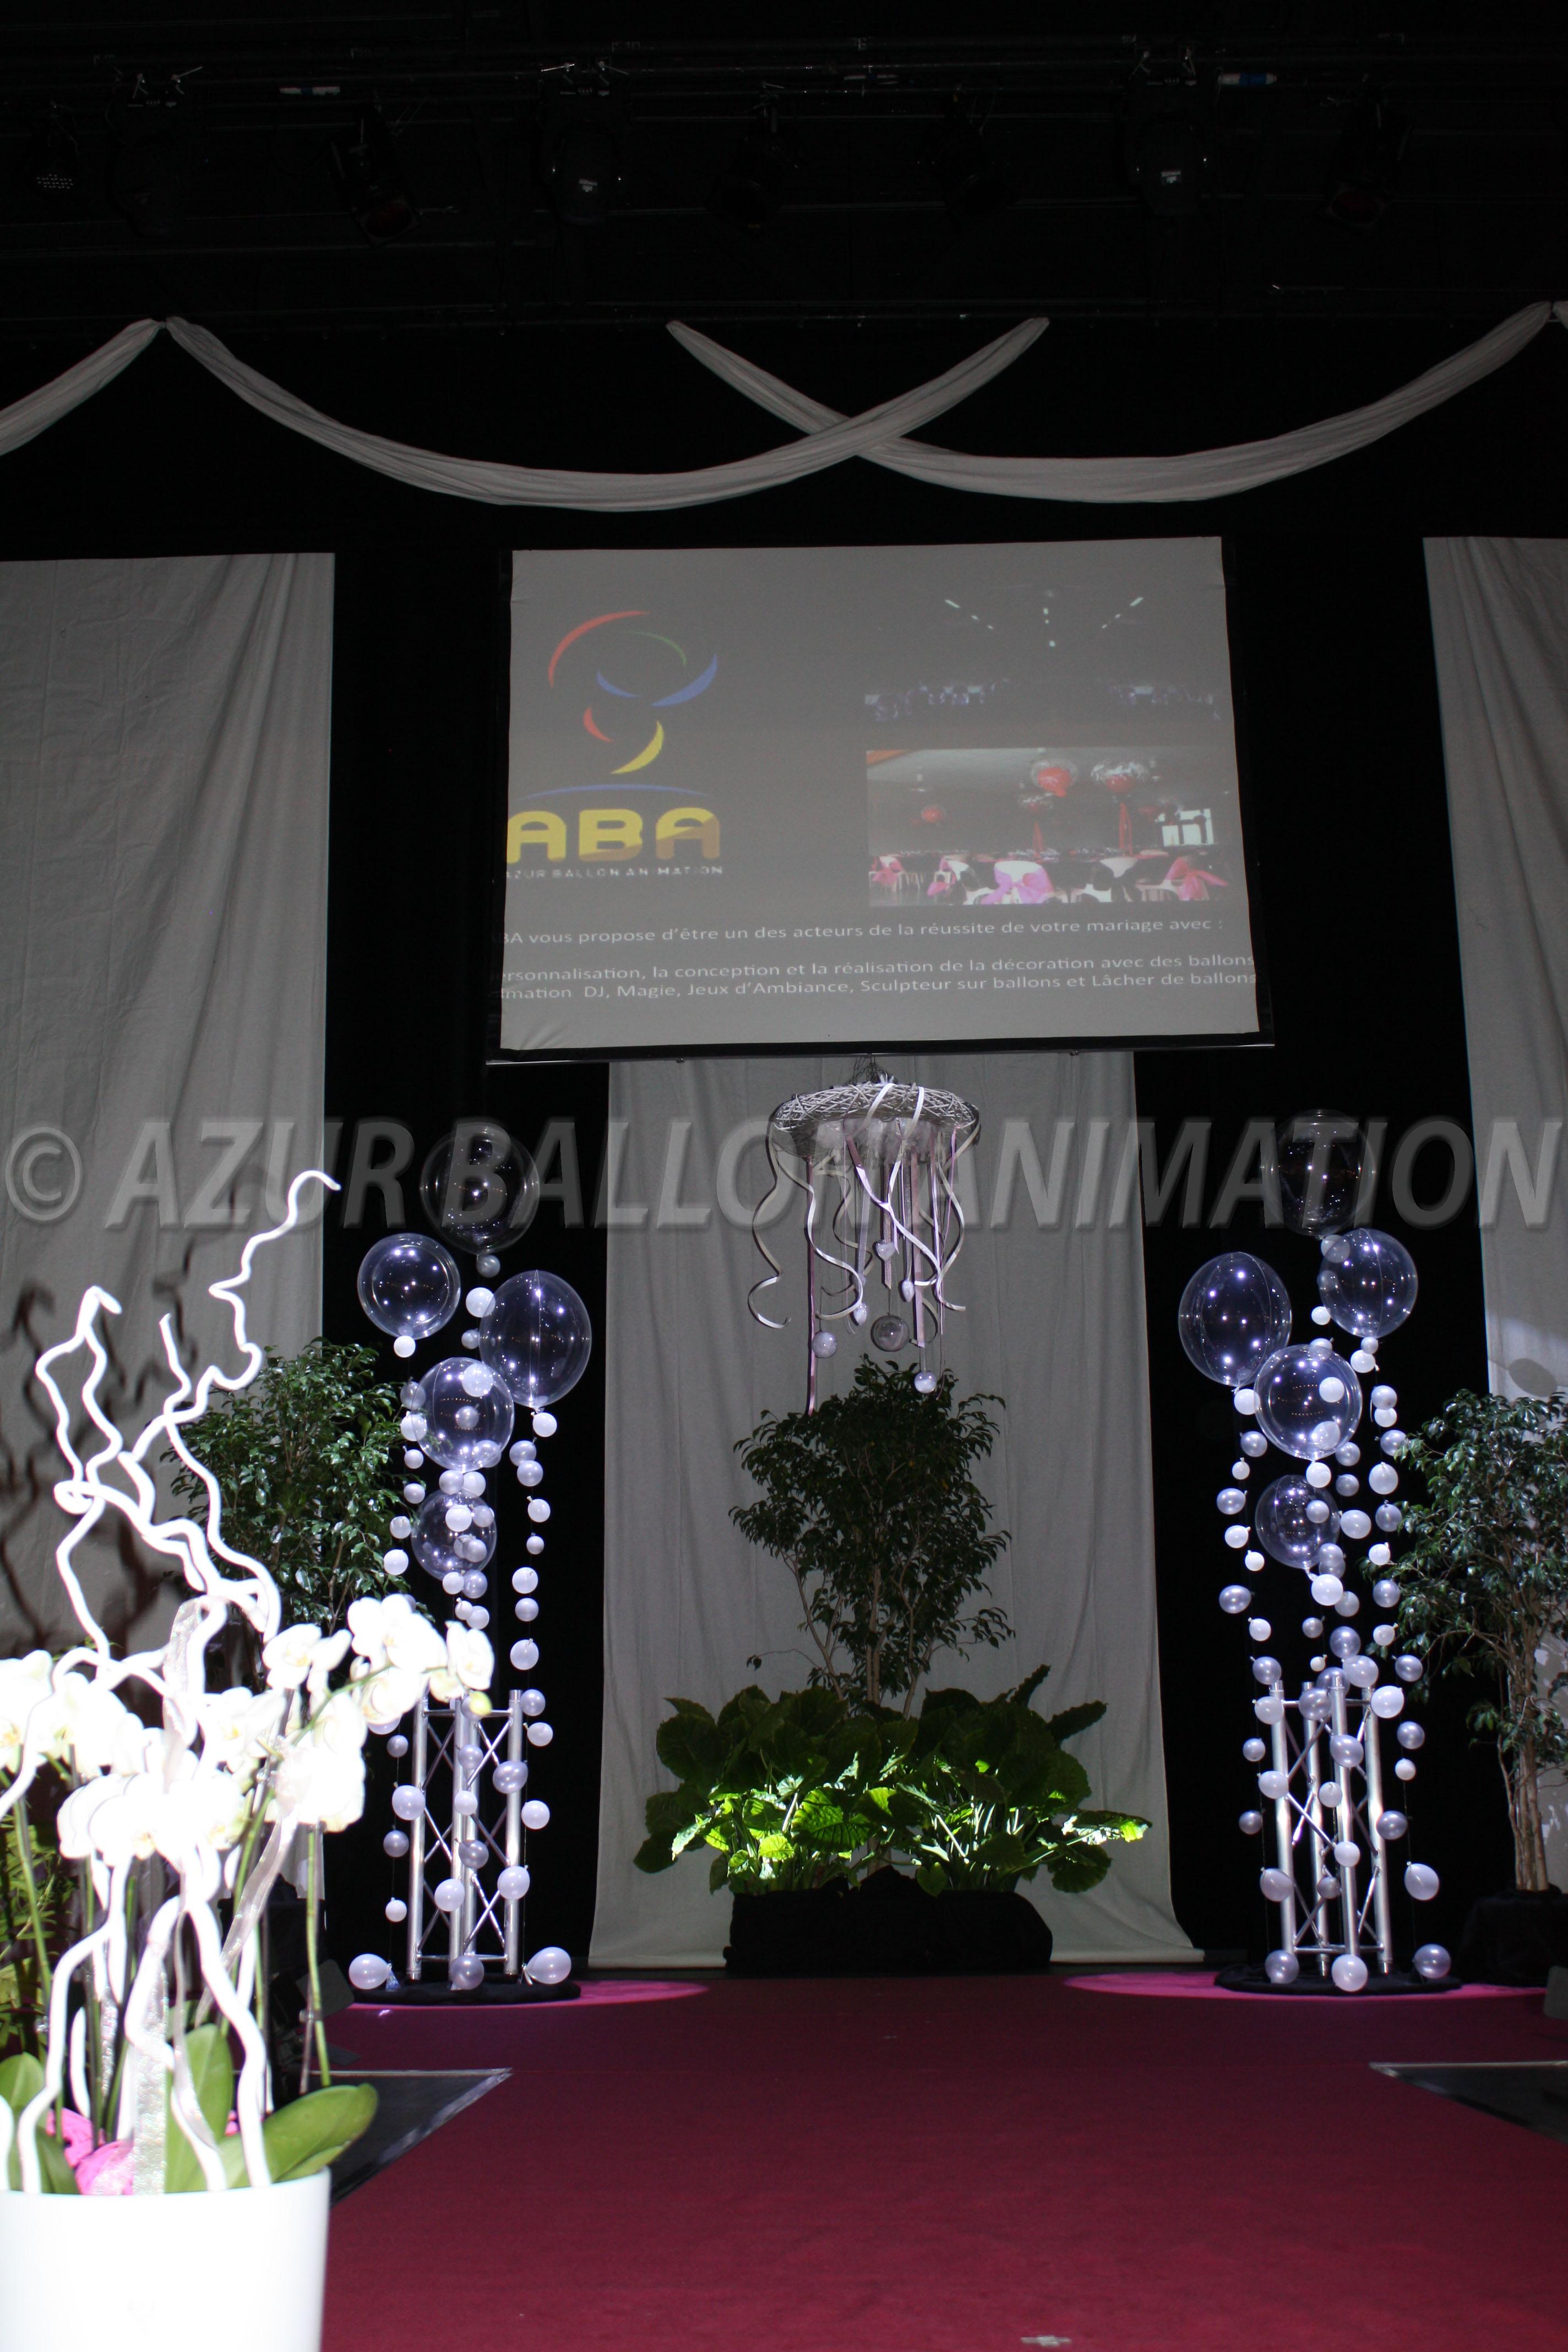 azur ballon animation id es d co deux s vres 79 sainte eanne les prestataires de. Black Bedroom Furniture Sets. Home Design Ideas